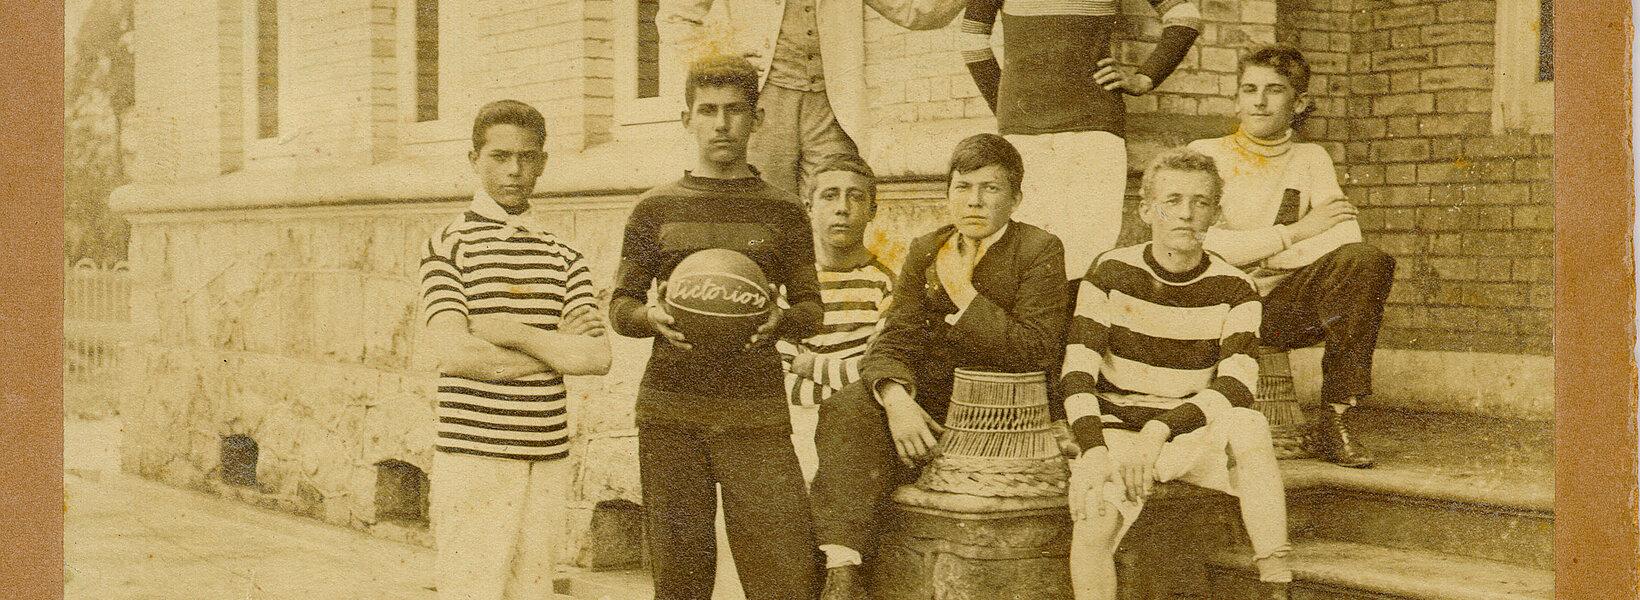 primeiro time de basquete mackenzie